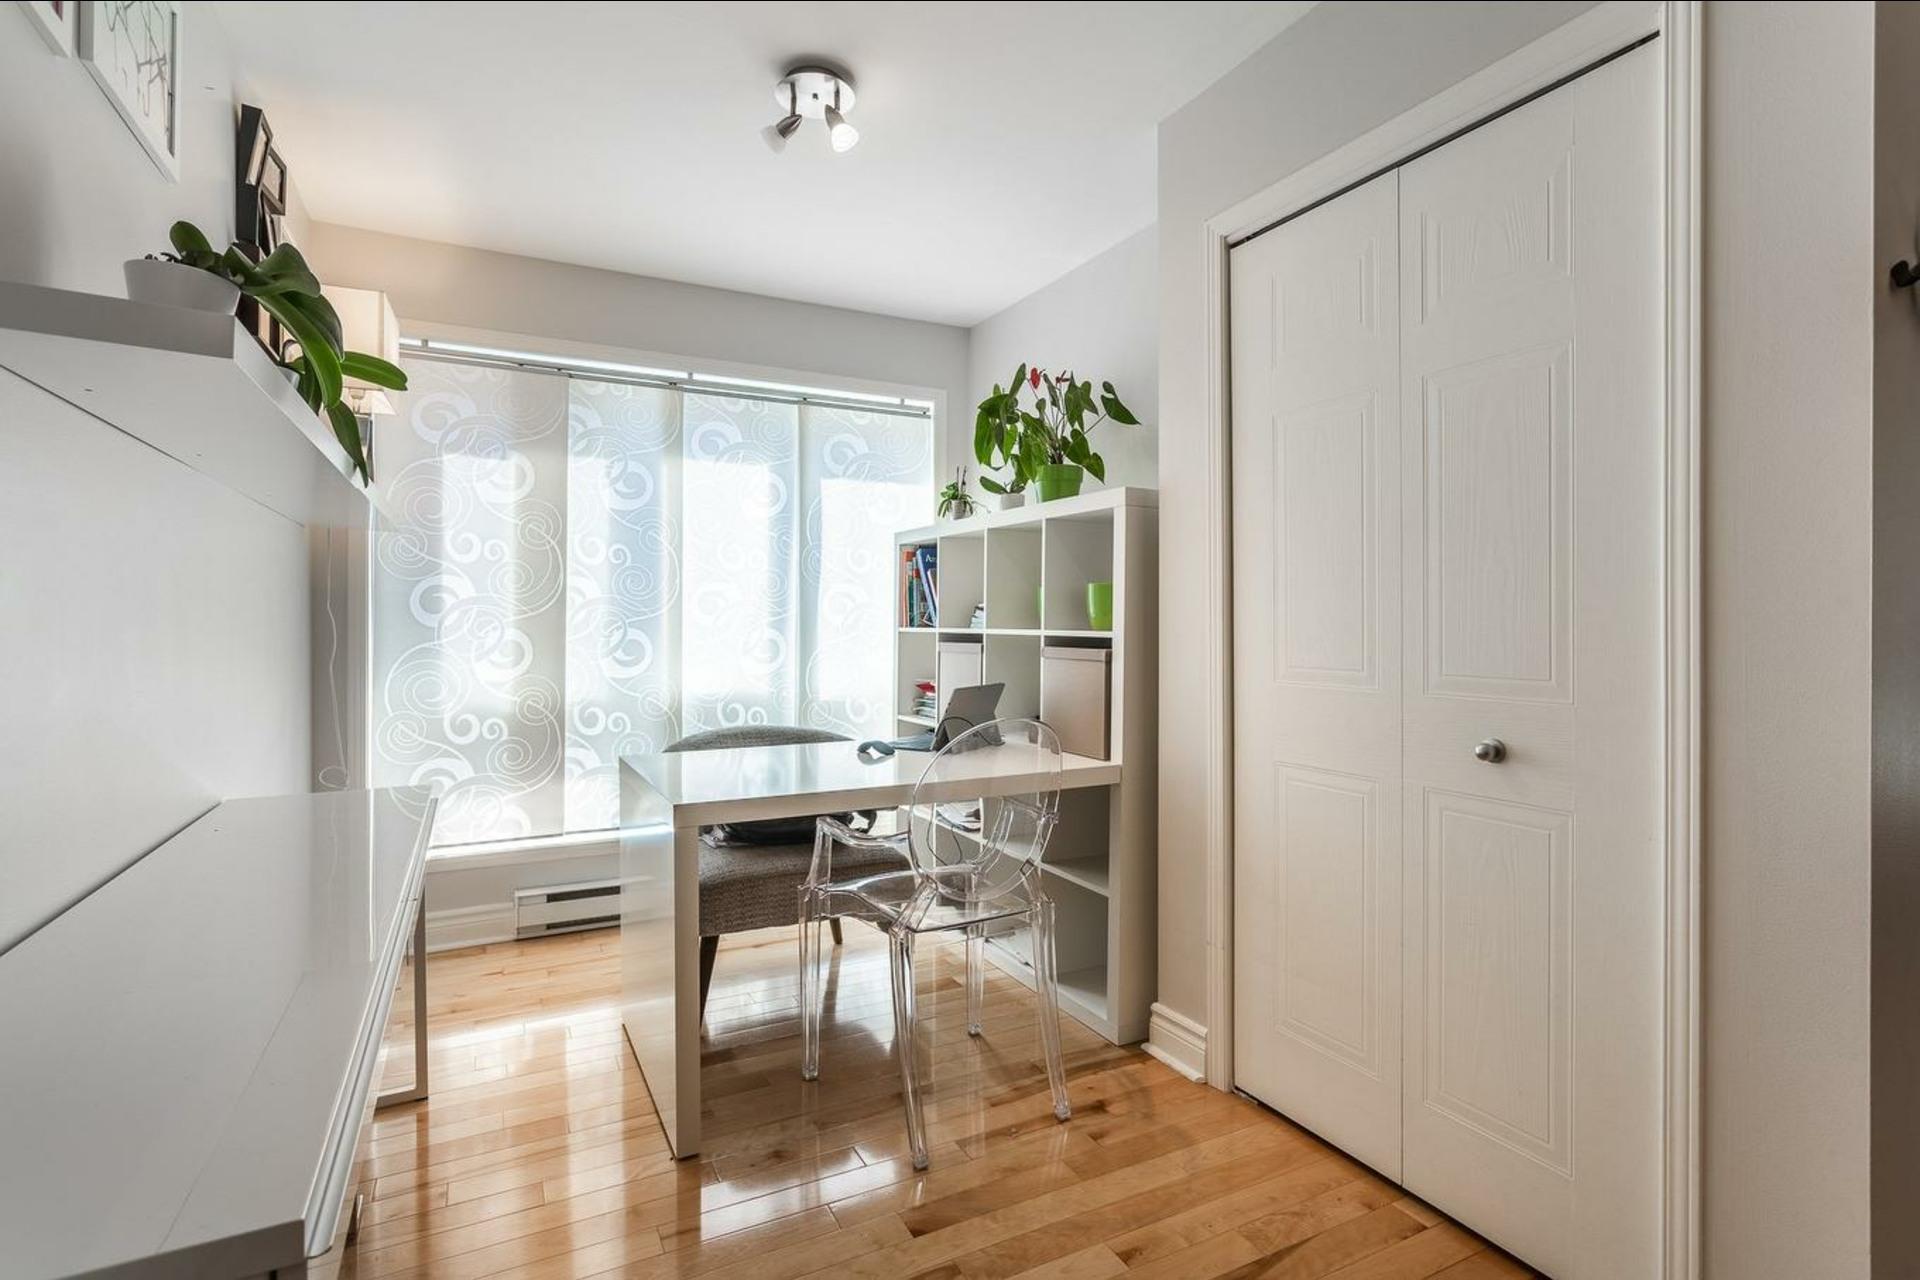 image 6 -  -  - Montréal  (Rosemont—La Petite-Patrie) - 1 室